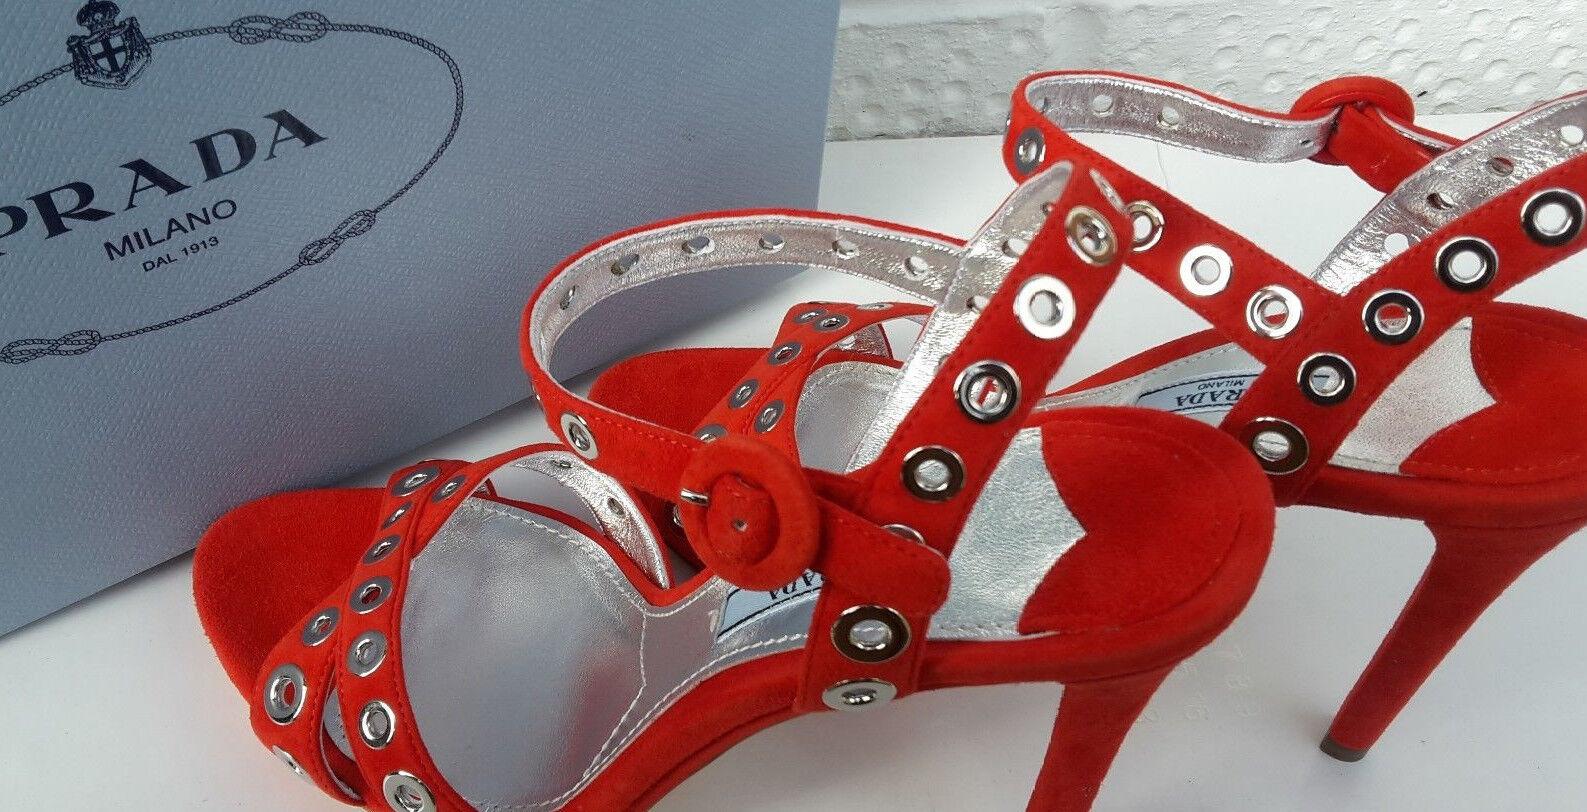 PRADA Luxury Heel  Sandals 7 40.Rosso.Acquista Nuovo  miglior servizio